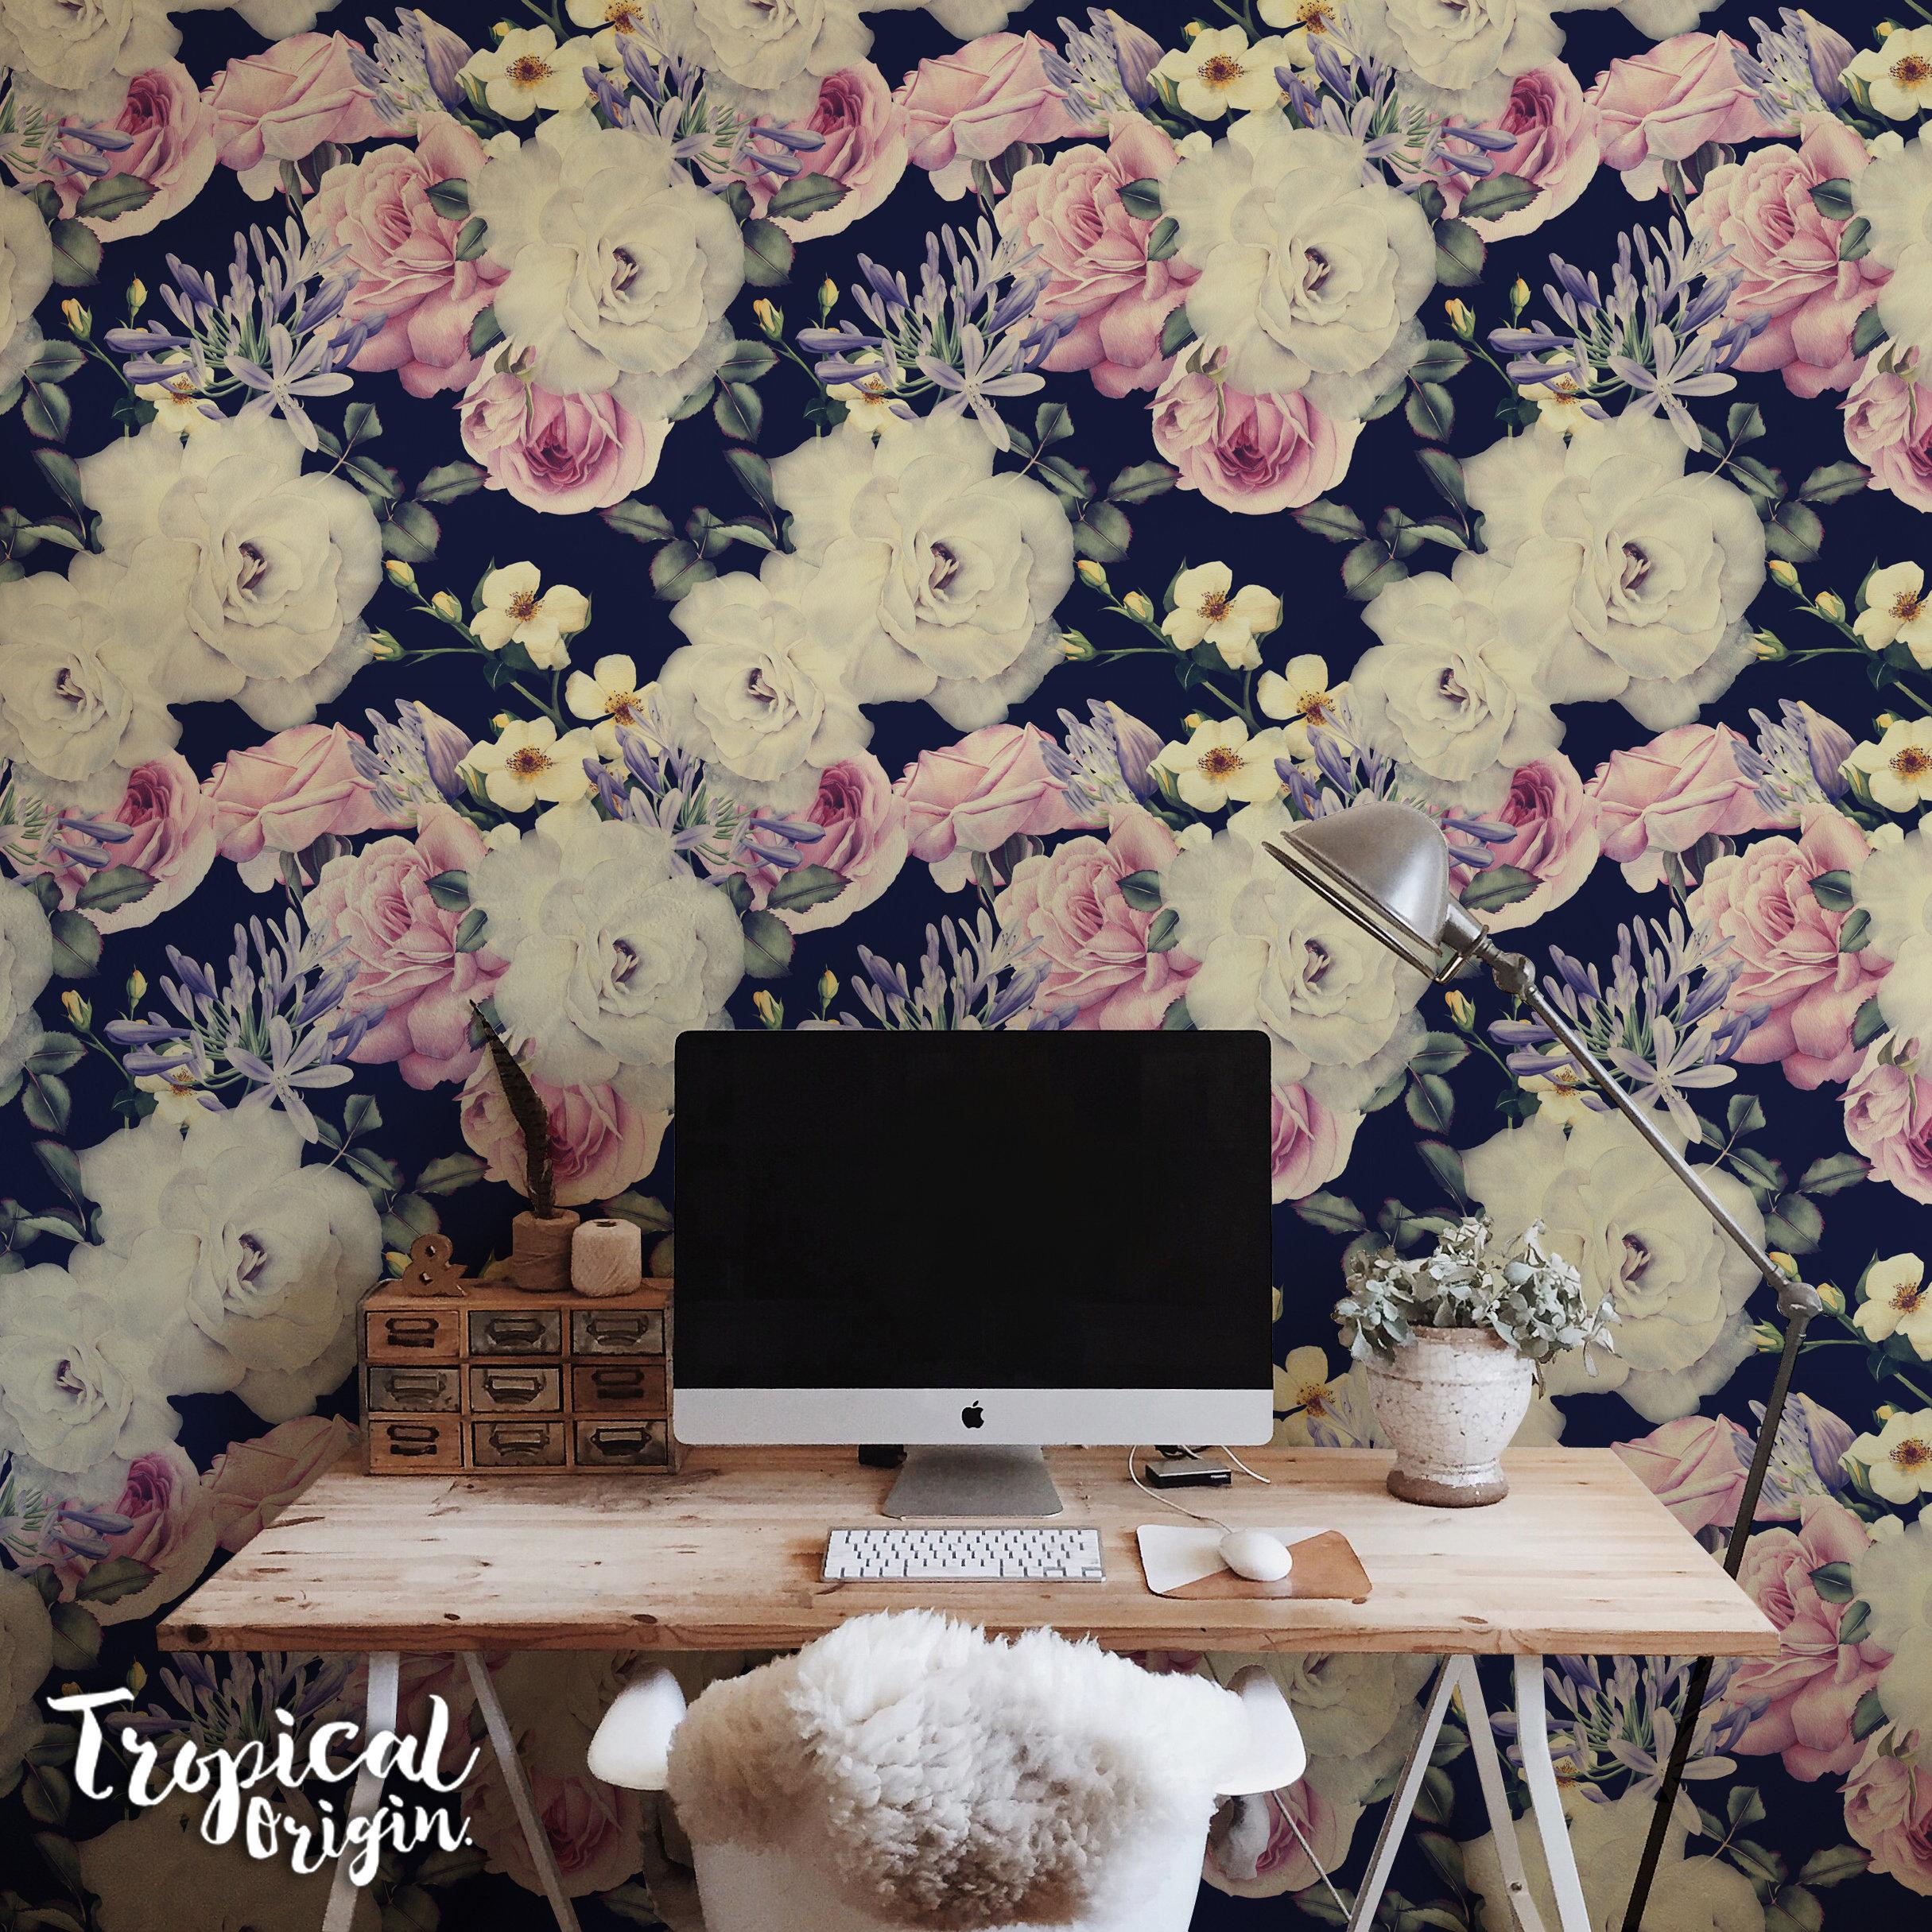 Dark Floral Removable Wallpaper White Pink Roses Vintage Etsy